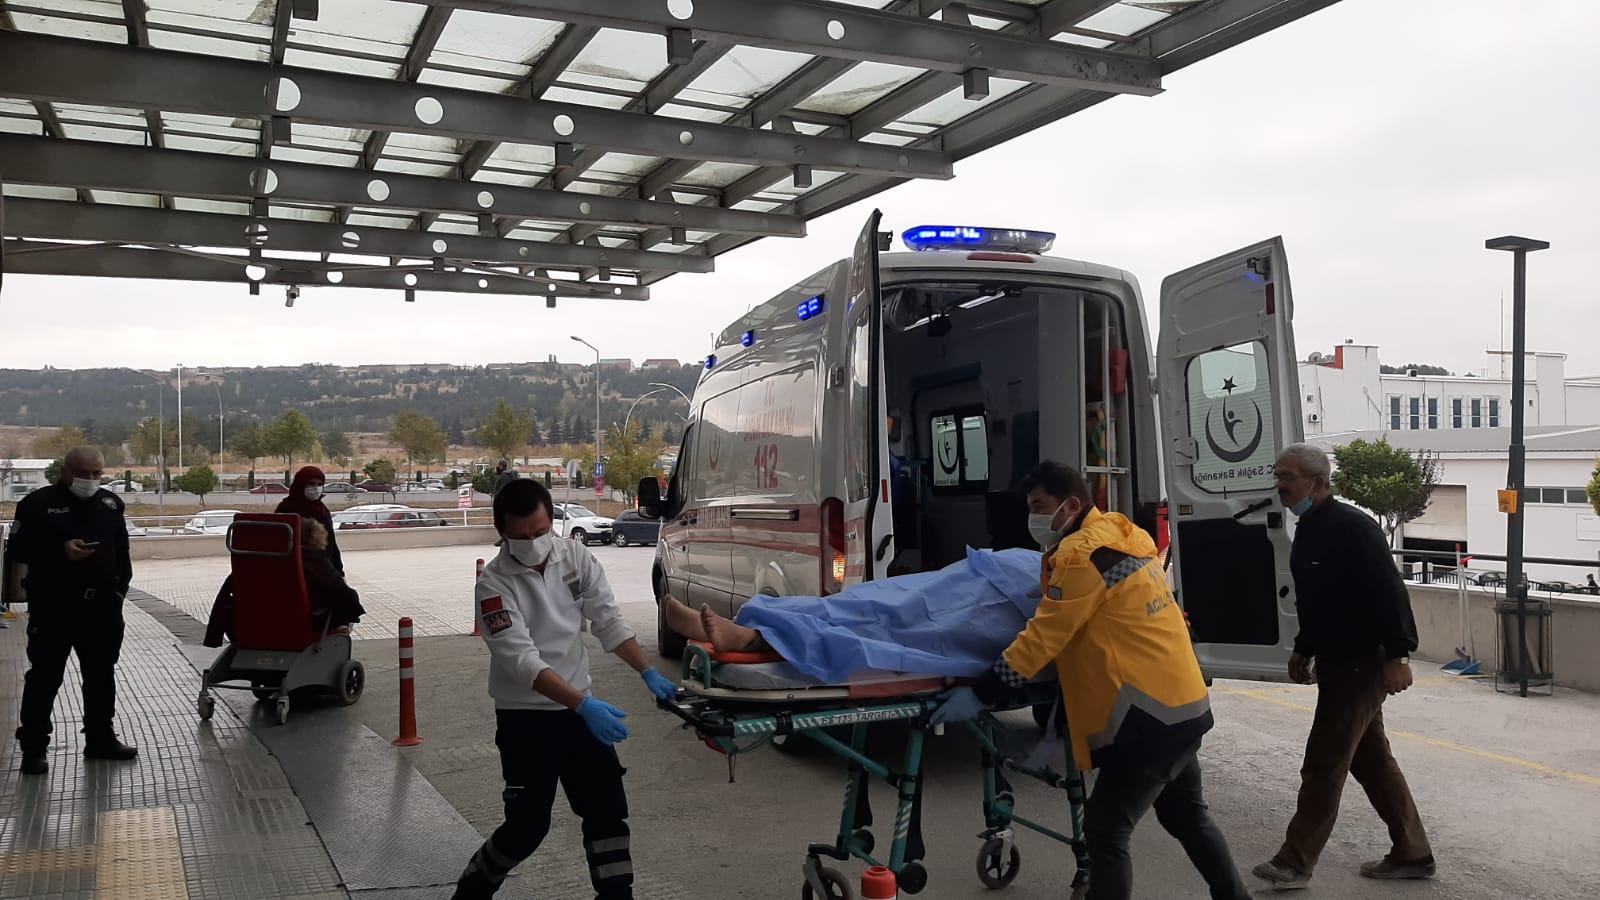 İntihara teşebbüs eden genç yoğun bakımda tedavisi sürüyor Sungurlu'da intihara kalkıştığı iddia edilen Murat K. (37) ağır yaralı olarak hastaneye kaldırıldı. Edinilen bilgilere göre olay sabah saatlerinde meydana geldi. Hacettepe Mahallesi'nde oturan Murat K. isimli genç, silahla intihar teşebbüsünde bulundu. Murat K.'yi kanlar içerisinde yerde yatarken bulan aile fertleri, durumu polis ve sağlık ekiplerine bildirdi. Olay yerine çağrılan ambulansla Sungurlu Devlet Hastanesi'ne kaldırılan genç, yapılan ilk müdahale sonrası Çorum Hitit Üniversitesi Erol Olçok Eğitim ve Araştırma Hastanesi'ne sevk edildi. 2018 yılında evi yanan Murat K.'nin psikolojik sorunları olduğu ve hayati tehlikesinin sürdüğü belirtildi. Polisin olayla ilgili soruşturması devam ediyor.